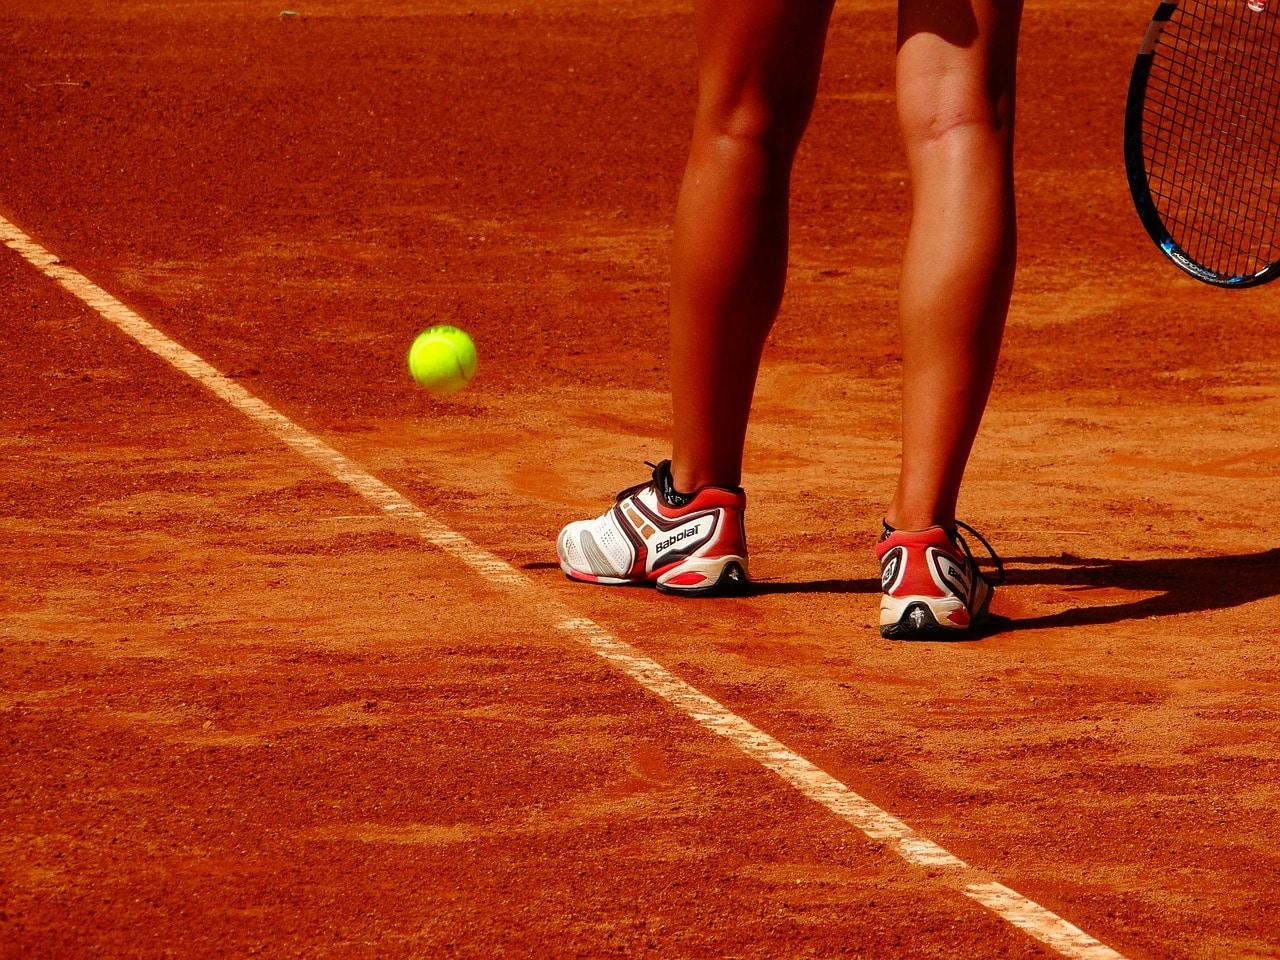 Comment choisir sa raquette de tennis le comptoir web - Comment choisir sa raquette de tennis de table ...